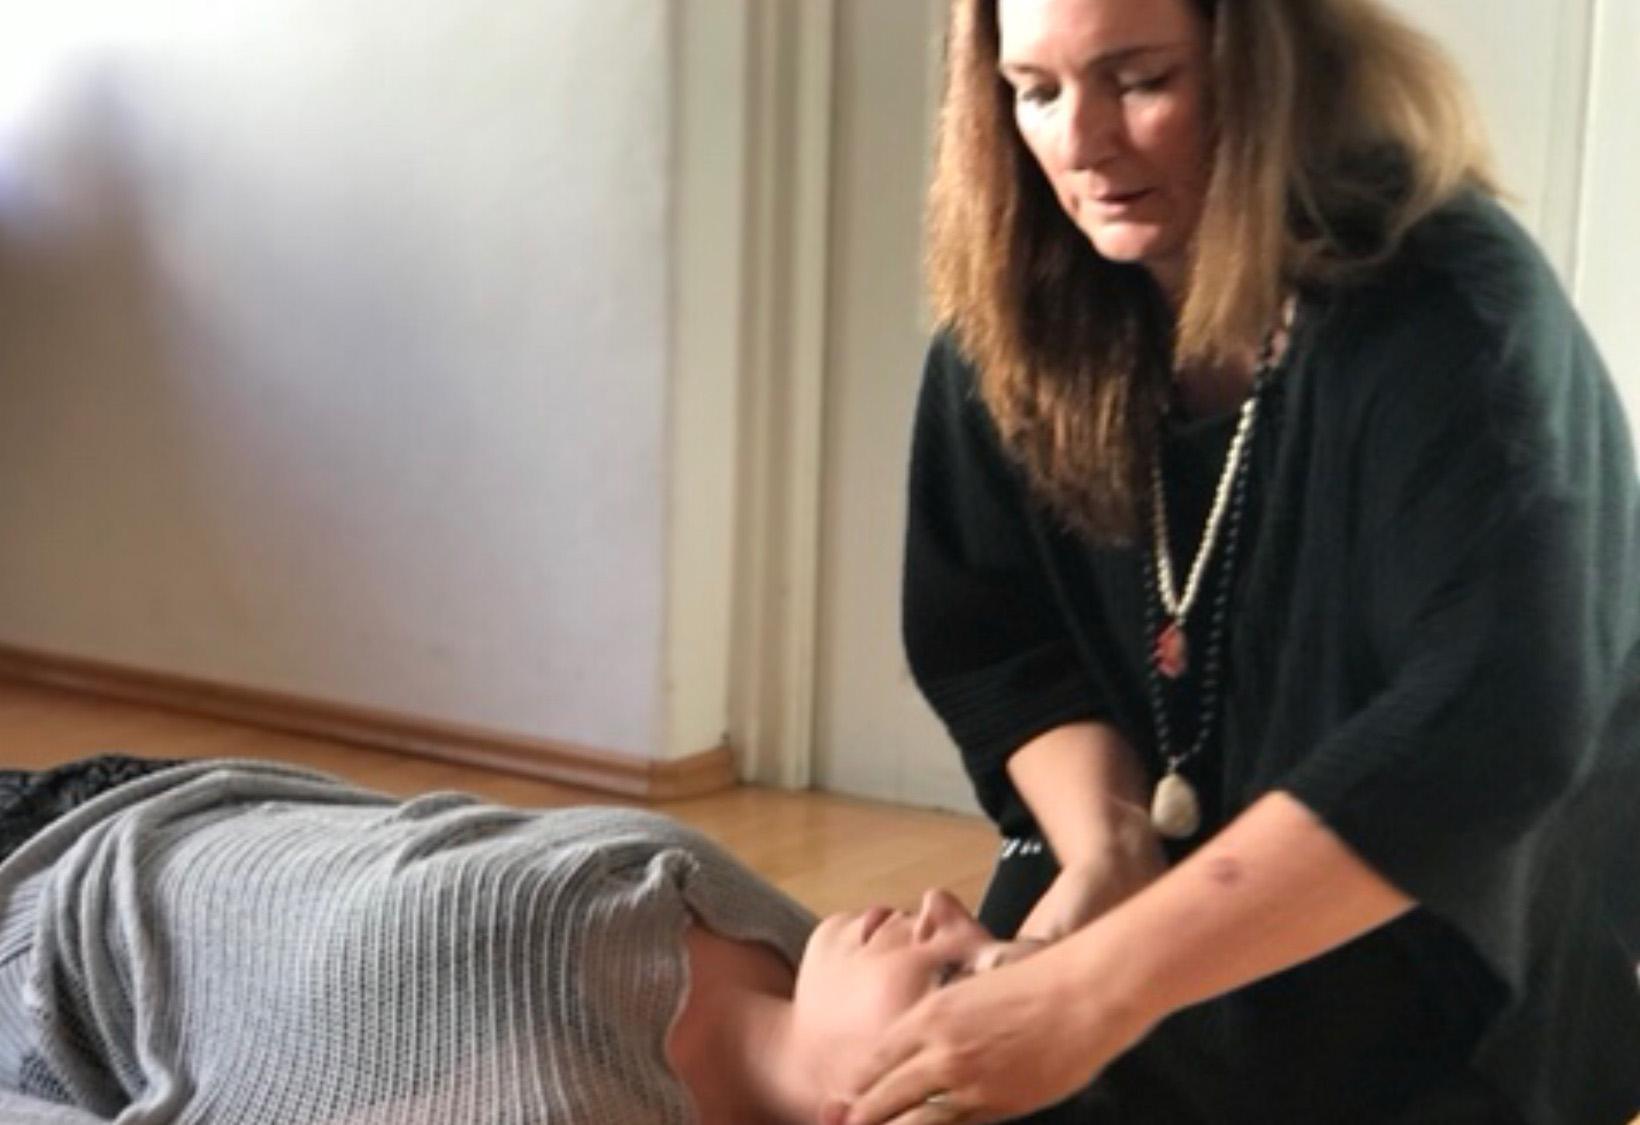 Heiltechniken der Inkas. Seminar für schamanische Behandlungsweisen